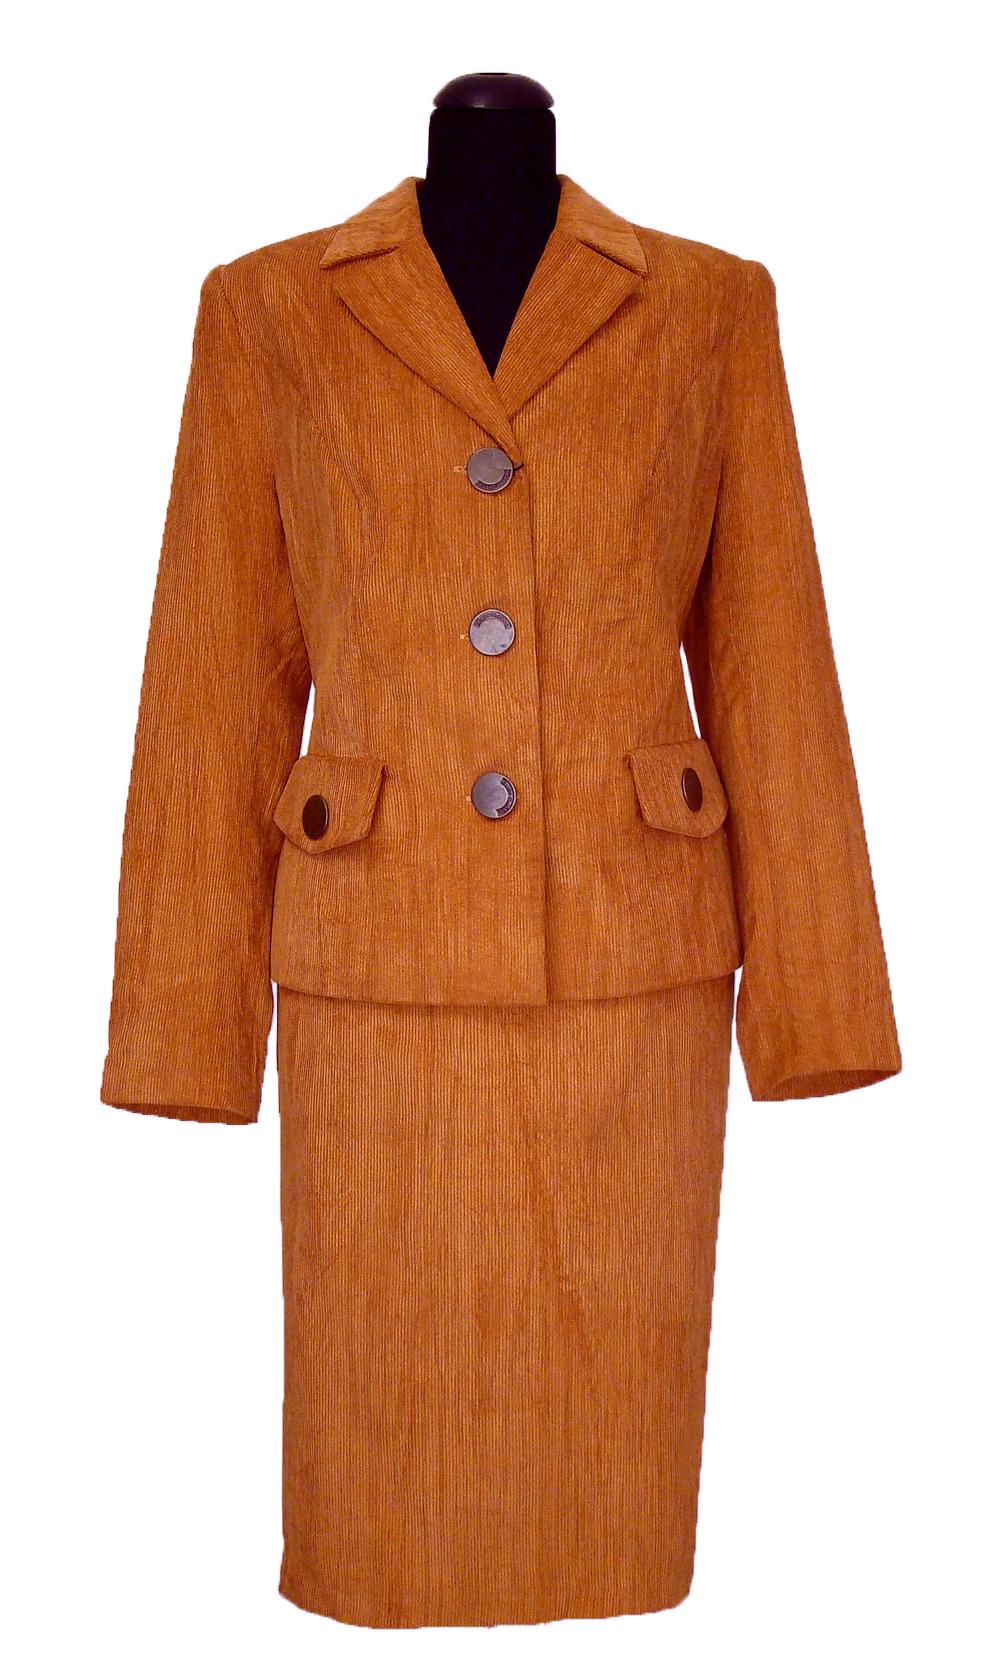 Вельветовый костюм женский купить доставка